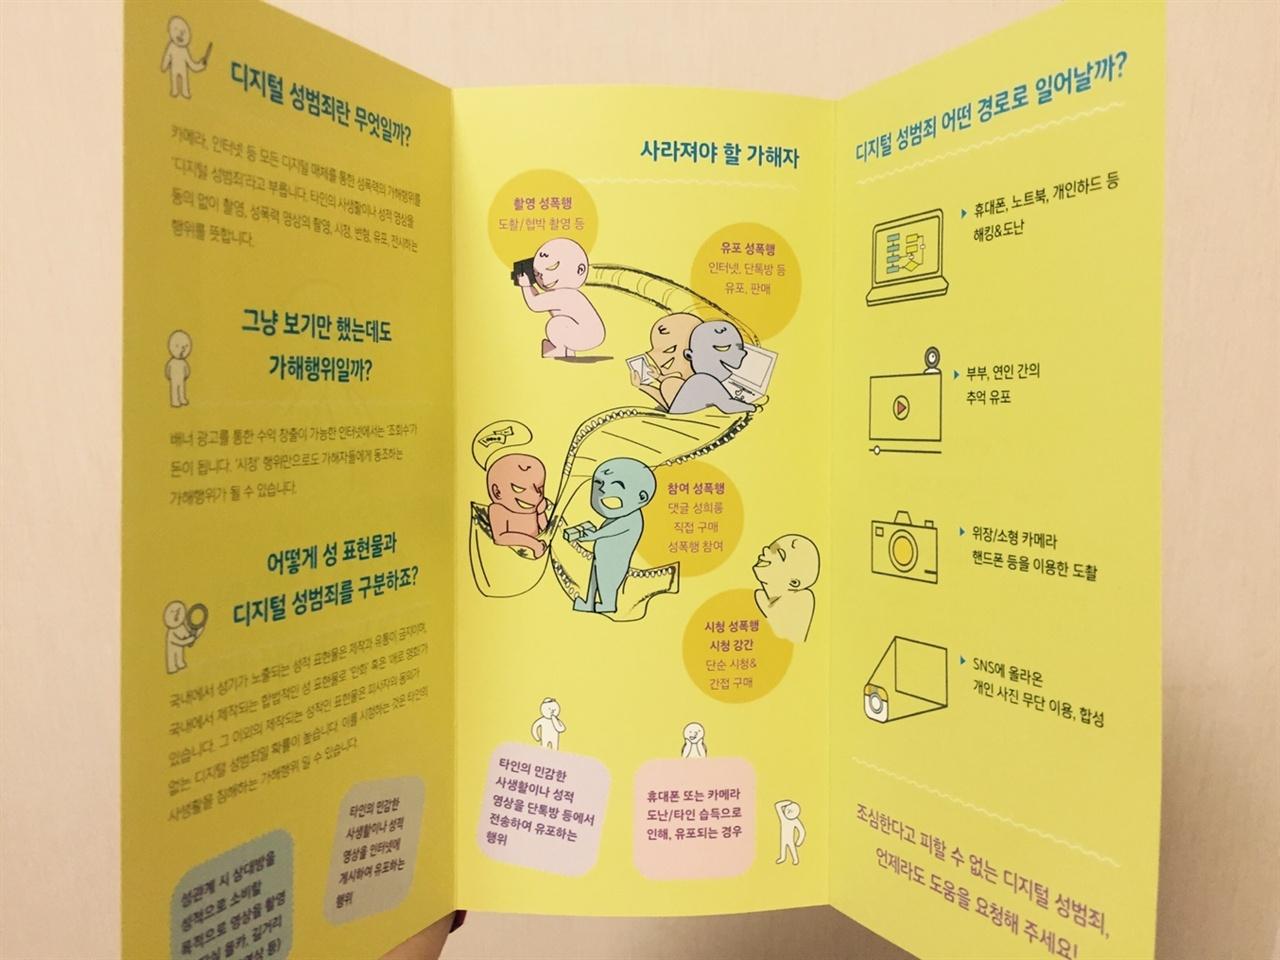 DSO에서 배포한 팜플렛